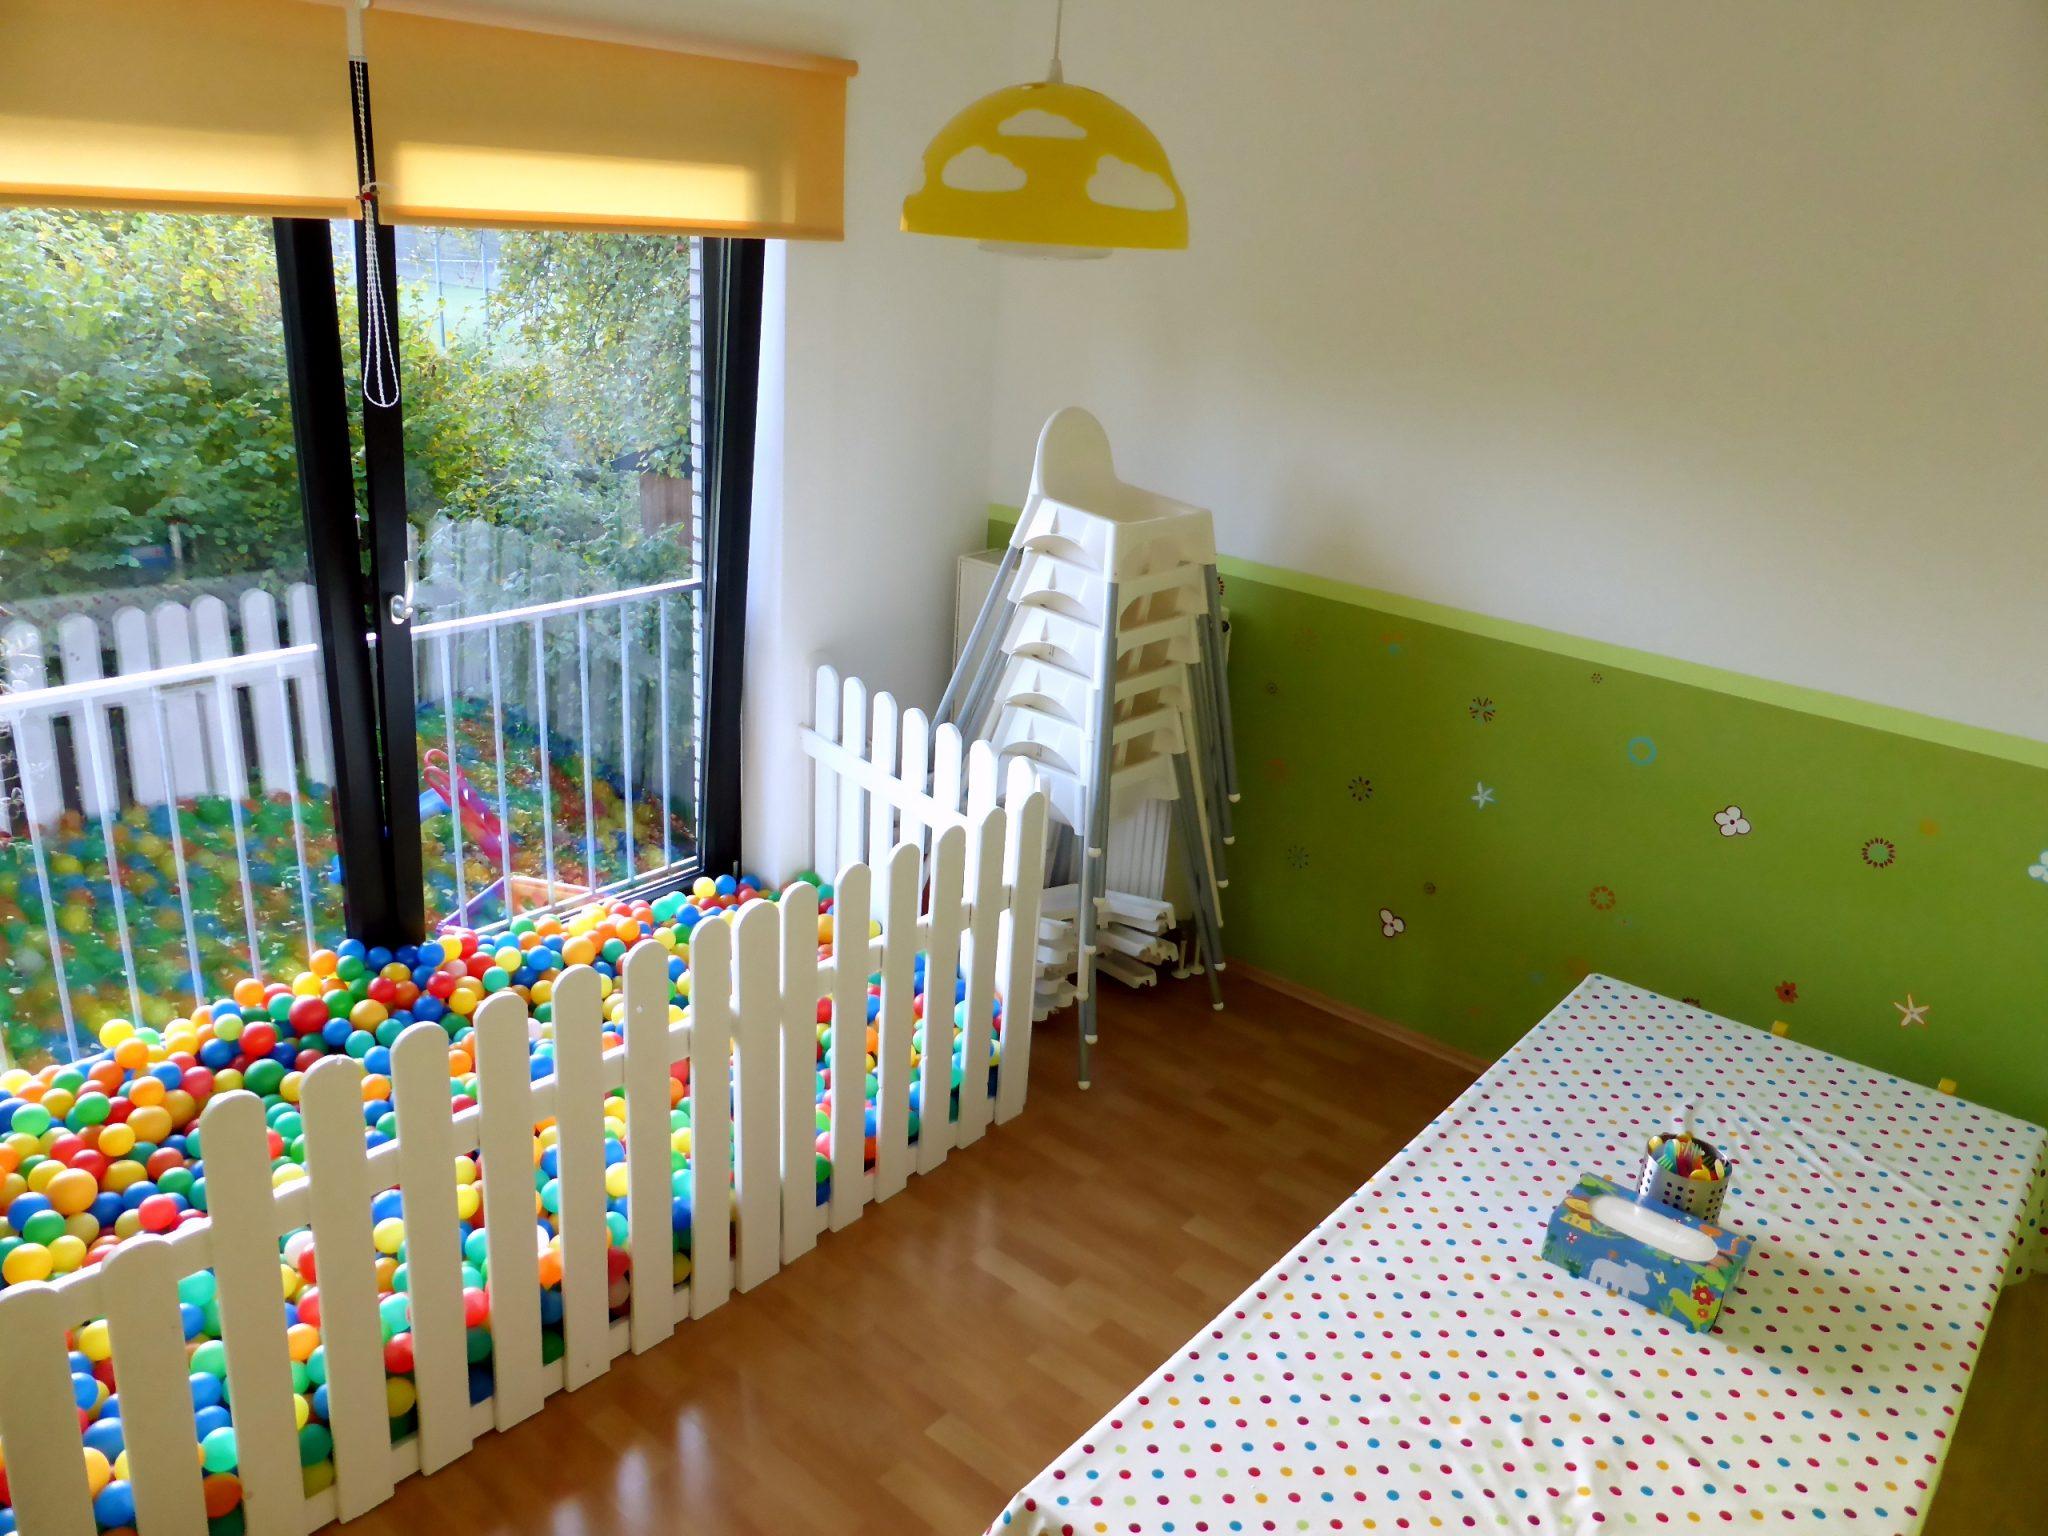 Esszimmer 4 Kita Kid Zone Kinderbetreuung  - Einrichtung